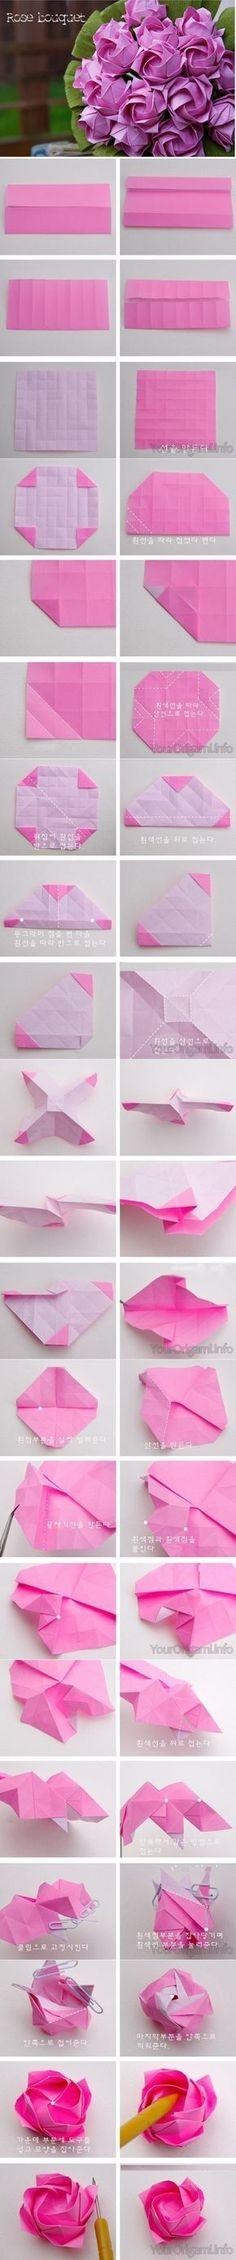 実は折り紙って凄いんです!お子様から大人まで楽しめる折り紙ですが、折って楽しむだけではなく、あらゆるシーンで活躍できる素敵な折り方が沢山あるんですよ♪今回は知っておきたいお洒落な折り方の数々をご紹介致します♪ (鶴・やっこ・舟・手裏剣など日本伝承の折り方に加えて、キャラクター・箱・花・ブーケ・ラッキースター・ラッキーハート・立体リボンなど)